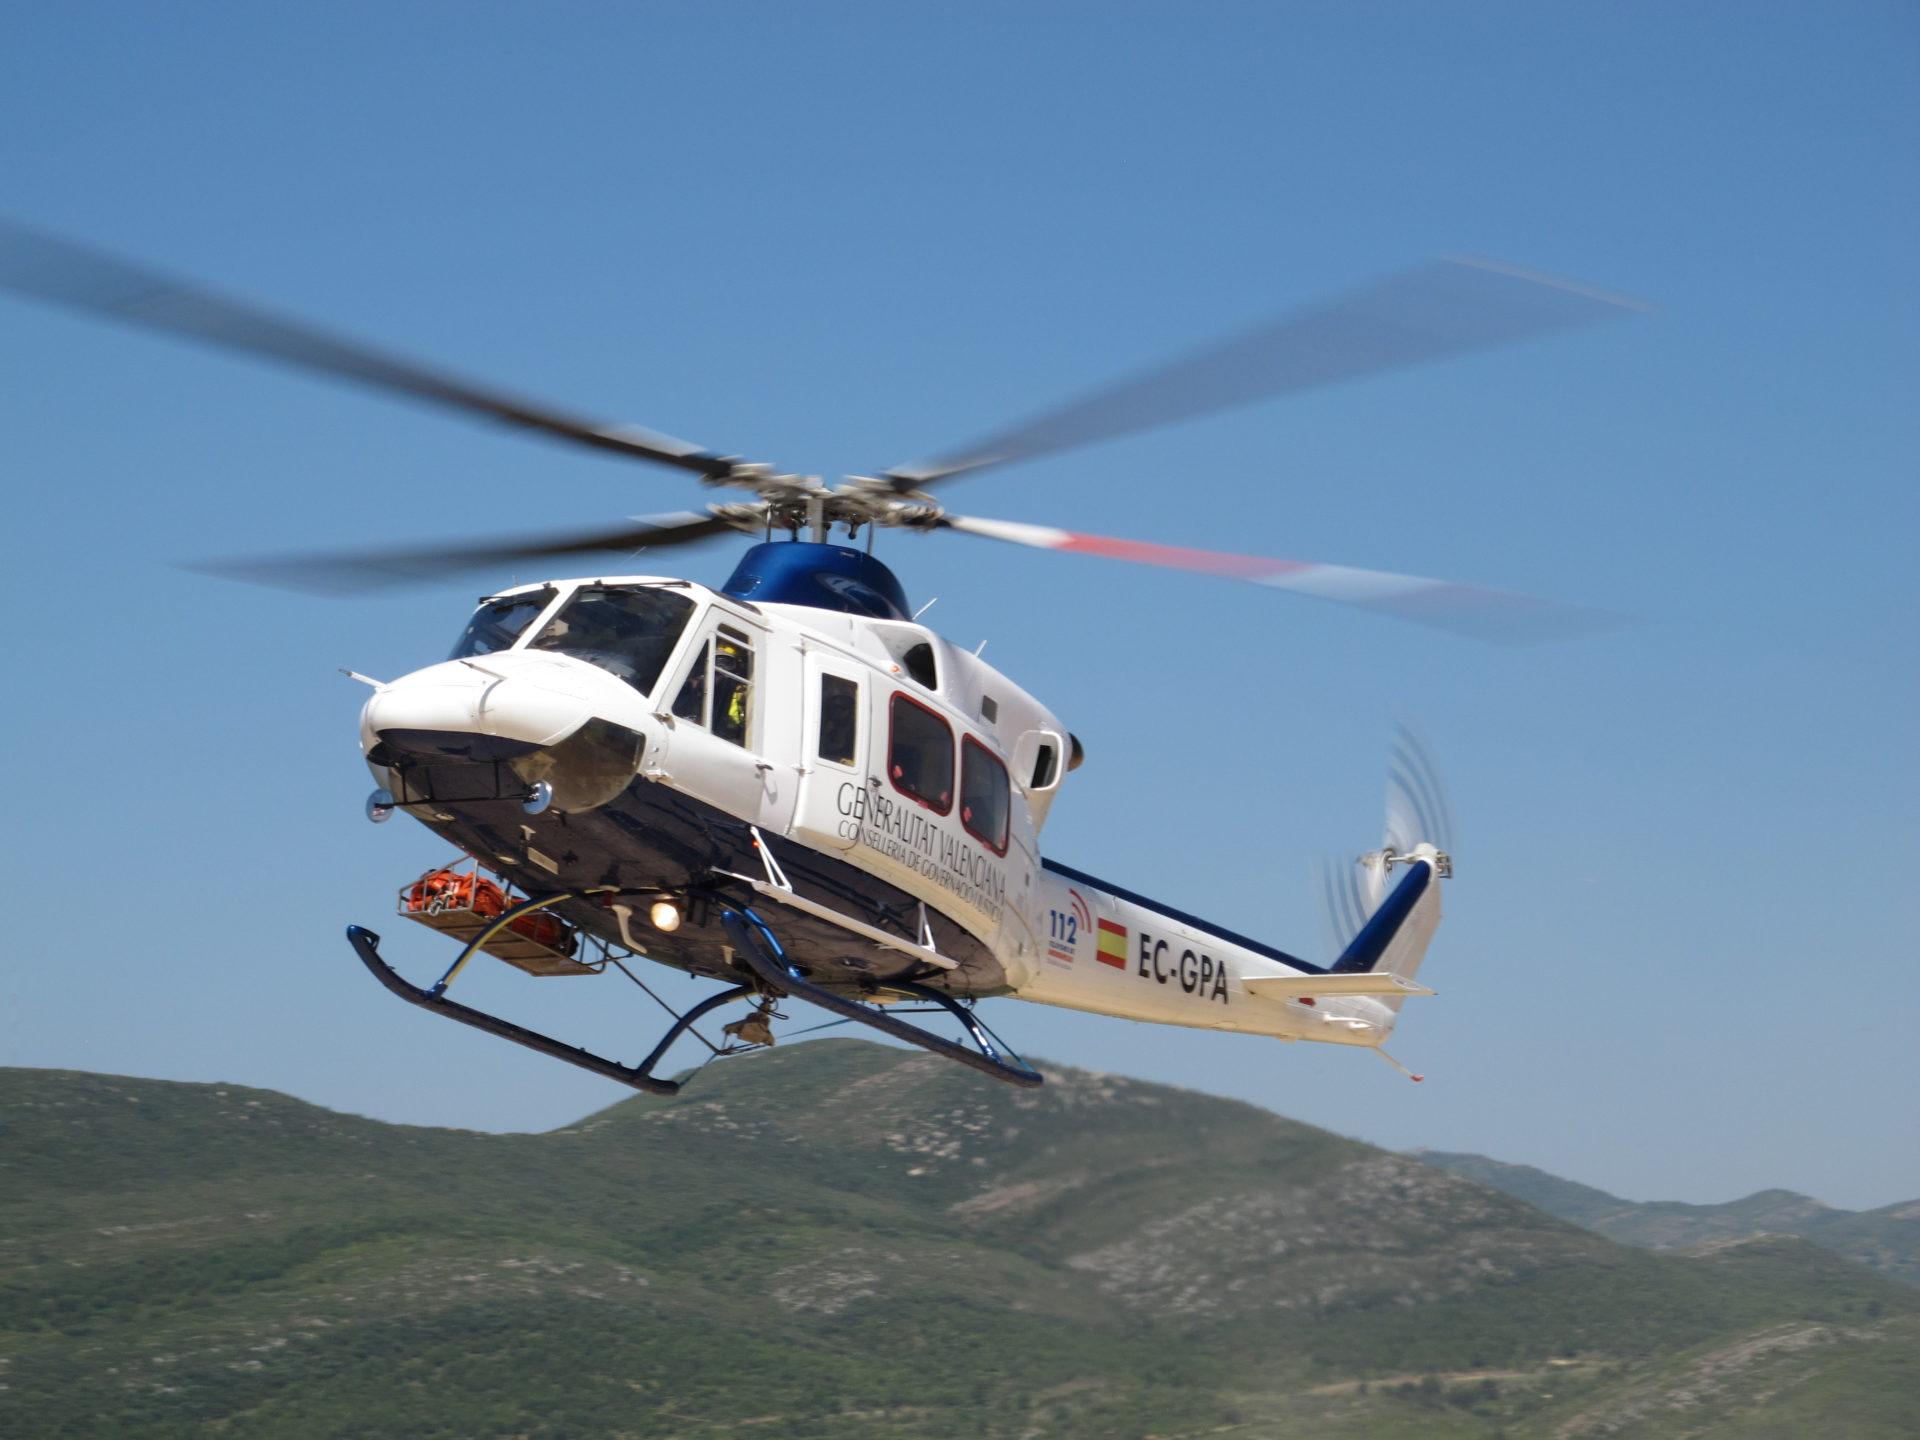 Helicóptero Generalitat